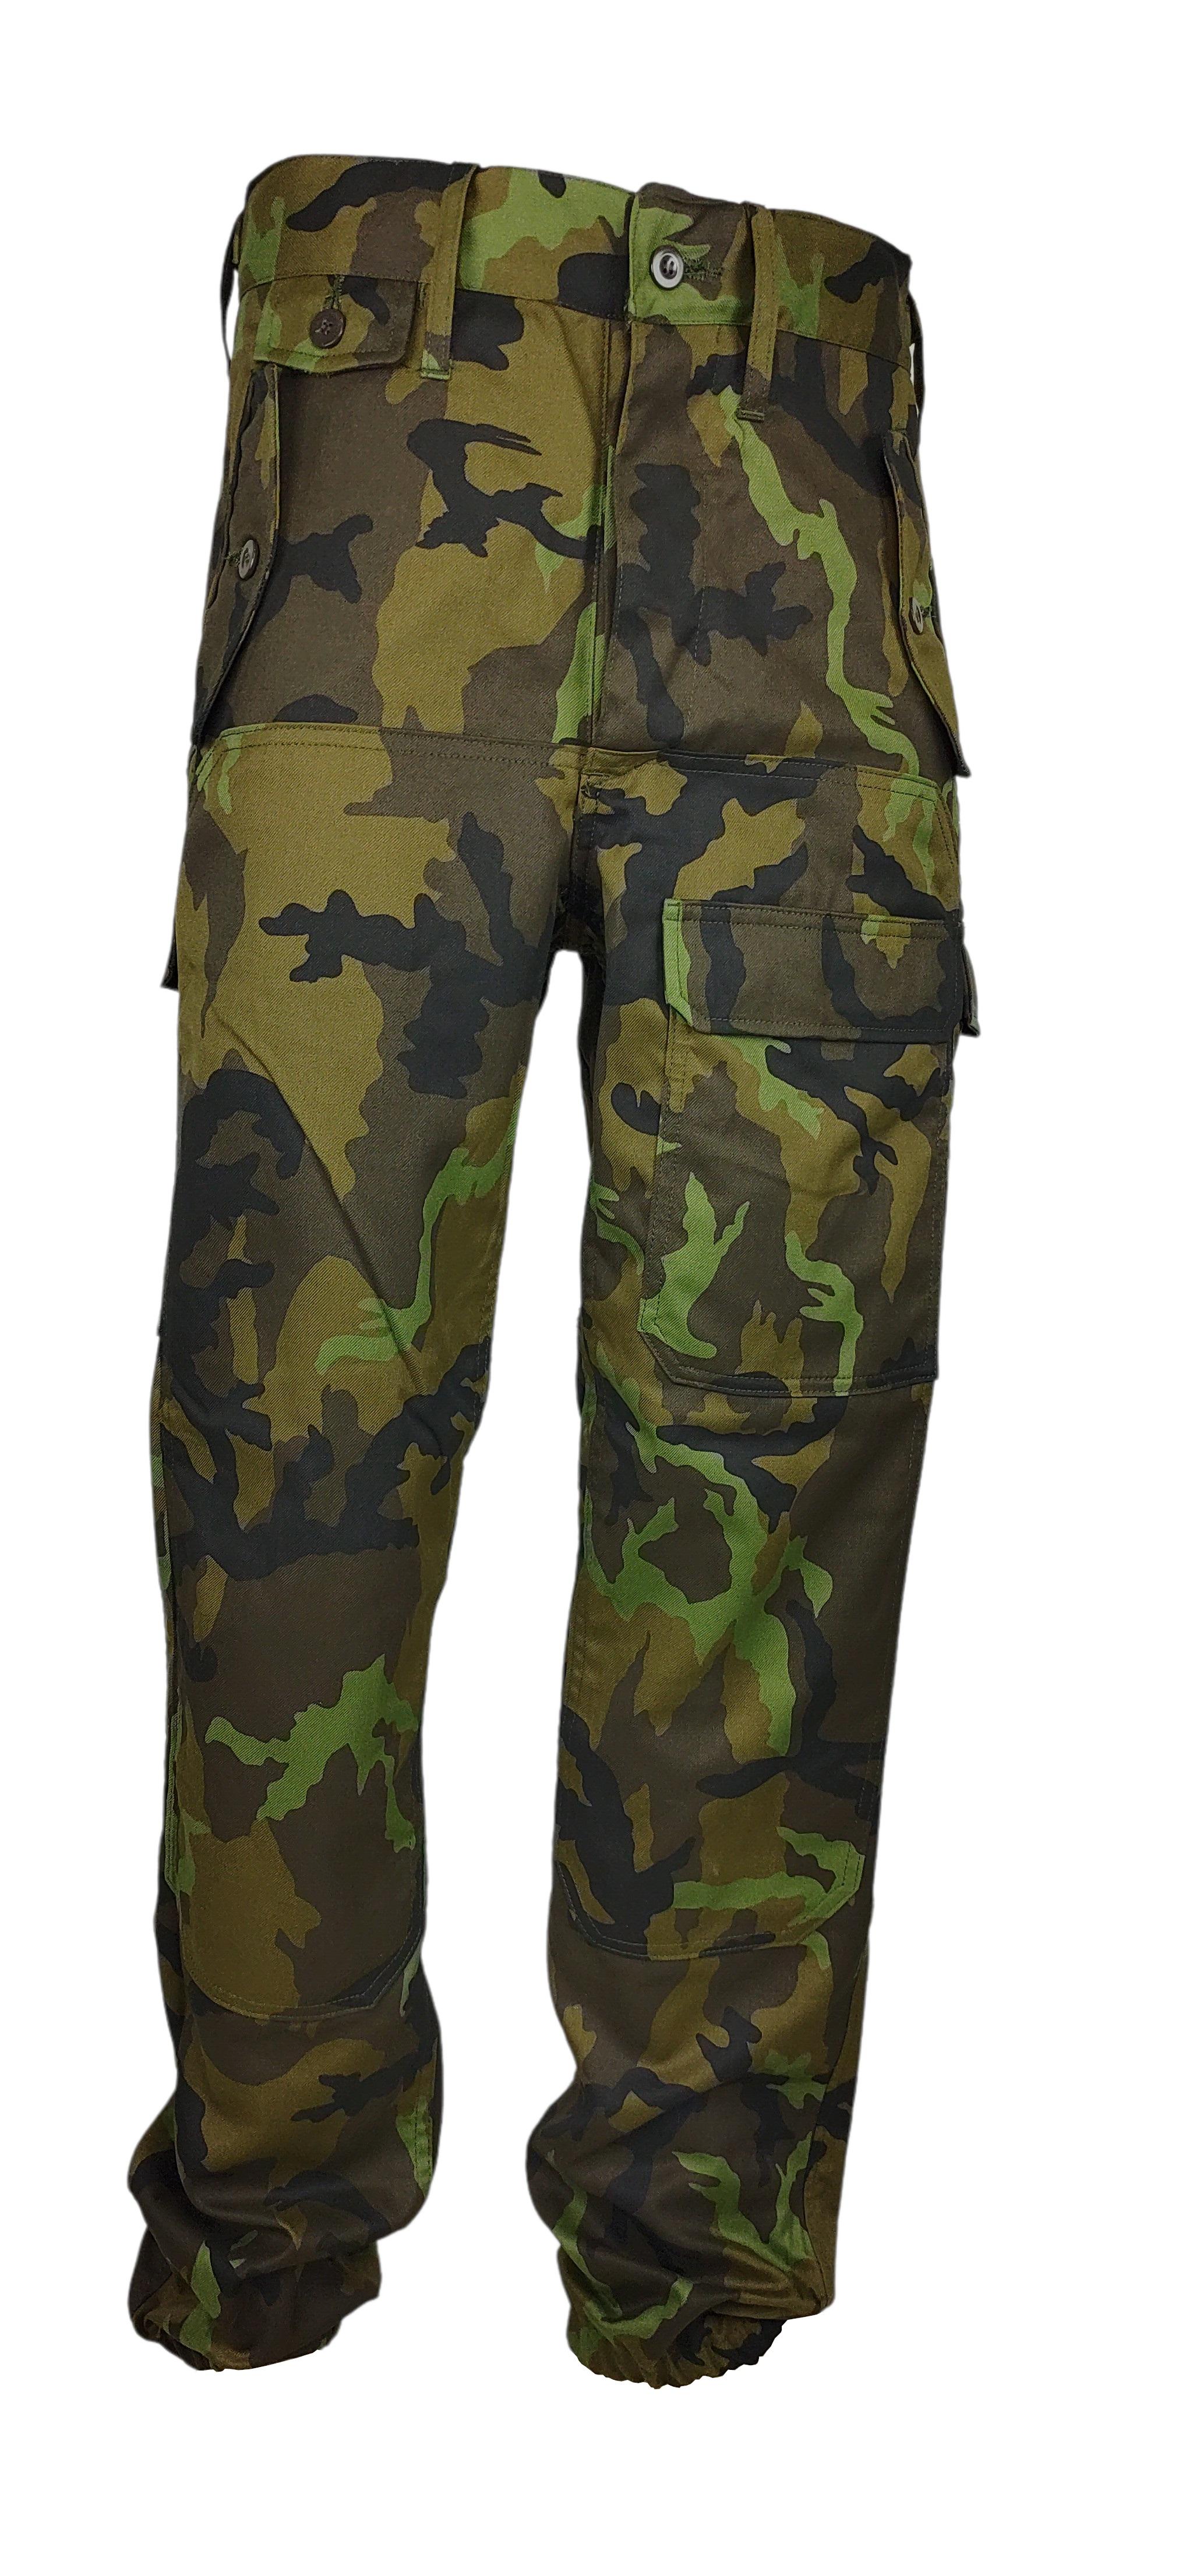 ČESKÝ VÝROBCE Kalhoty vz.95 AČR nové Vyberte velikost: 176/88